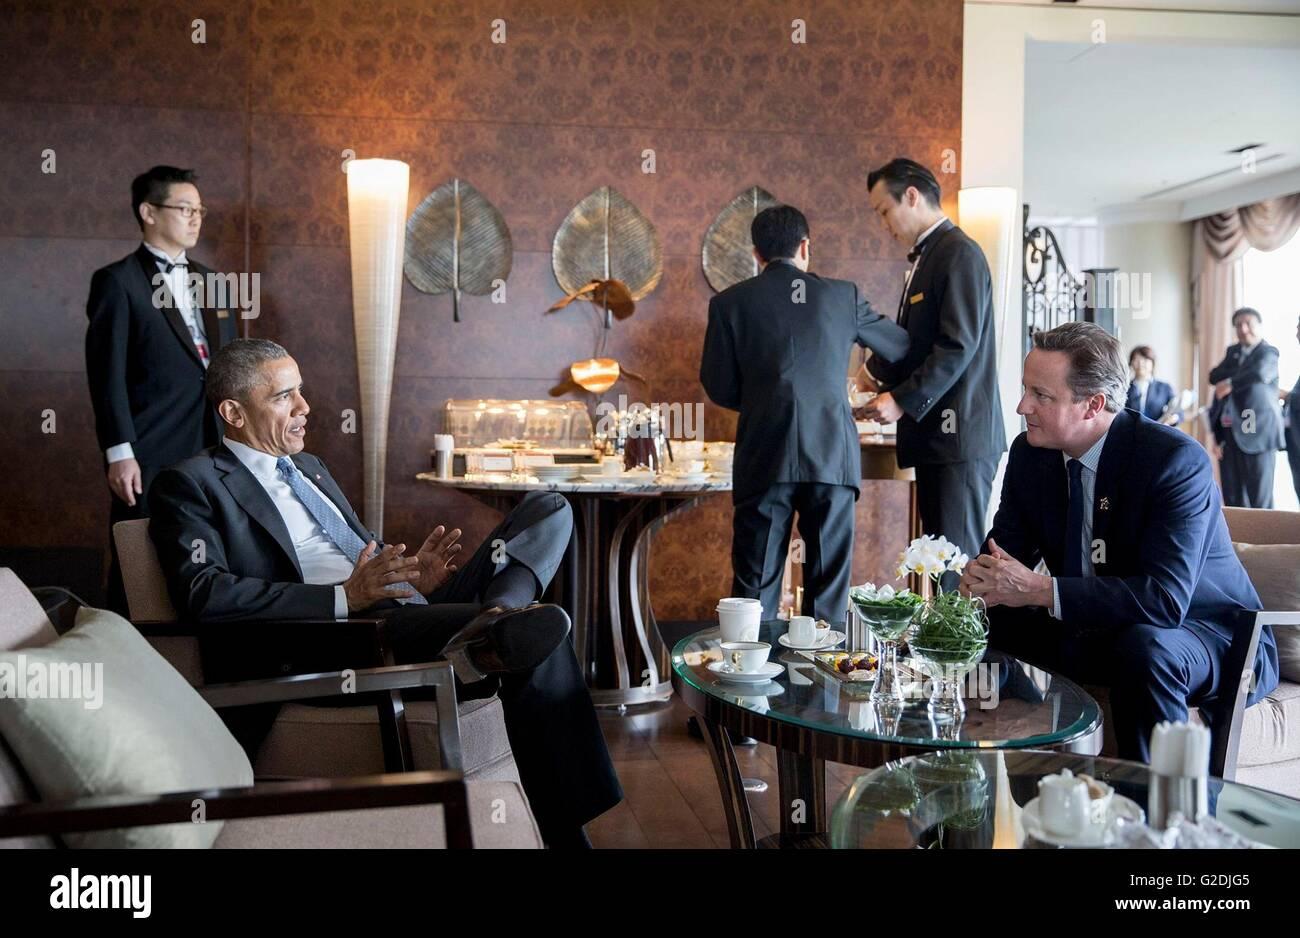 Il Presidente degli Stati Uniti Barack Obama colloqui con il Primo Ministro britannico David Cameron al Bay Suites durante una pausa caffè tra le varie sessioni di lavoro al vertice del G7 Maggio 26, 2016 in Shima, Prefettura di Mie, Giappone. Foto Stock